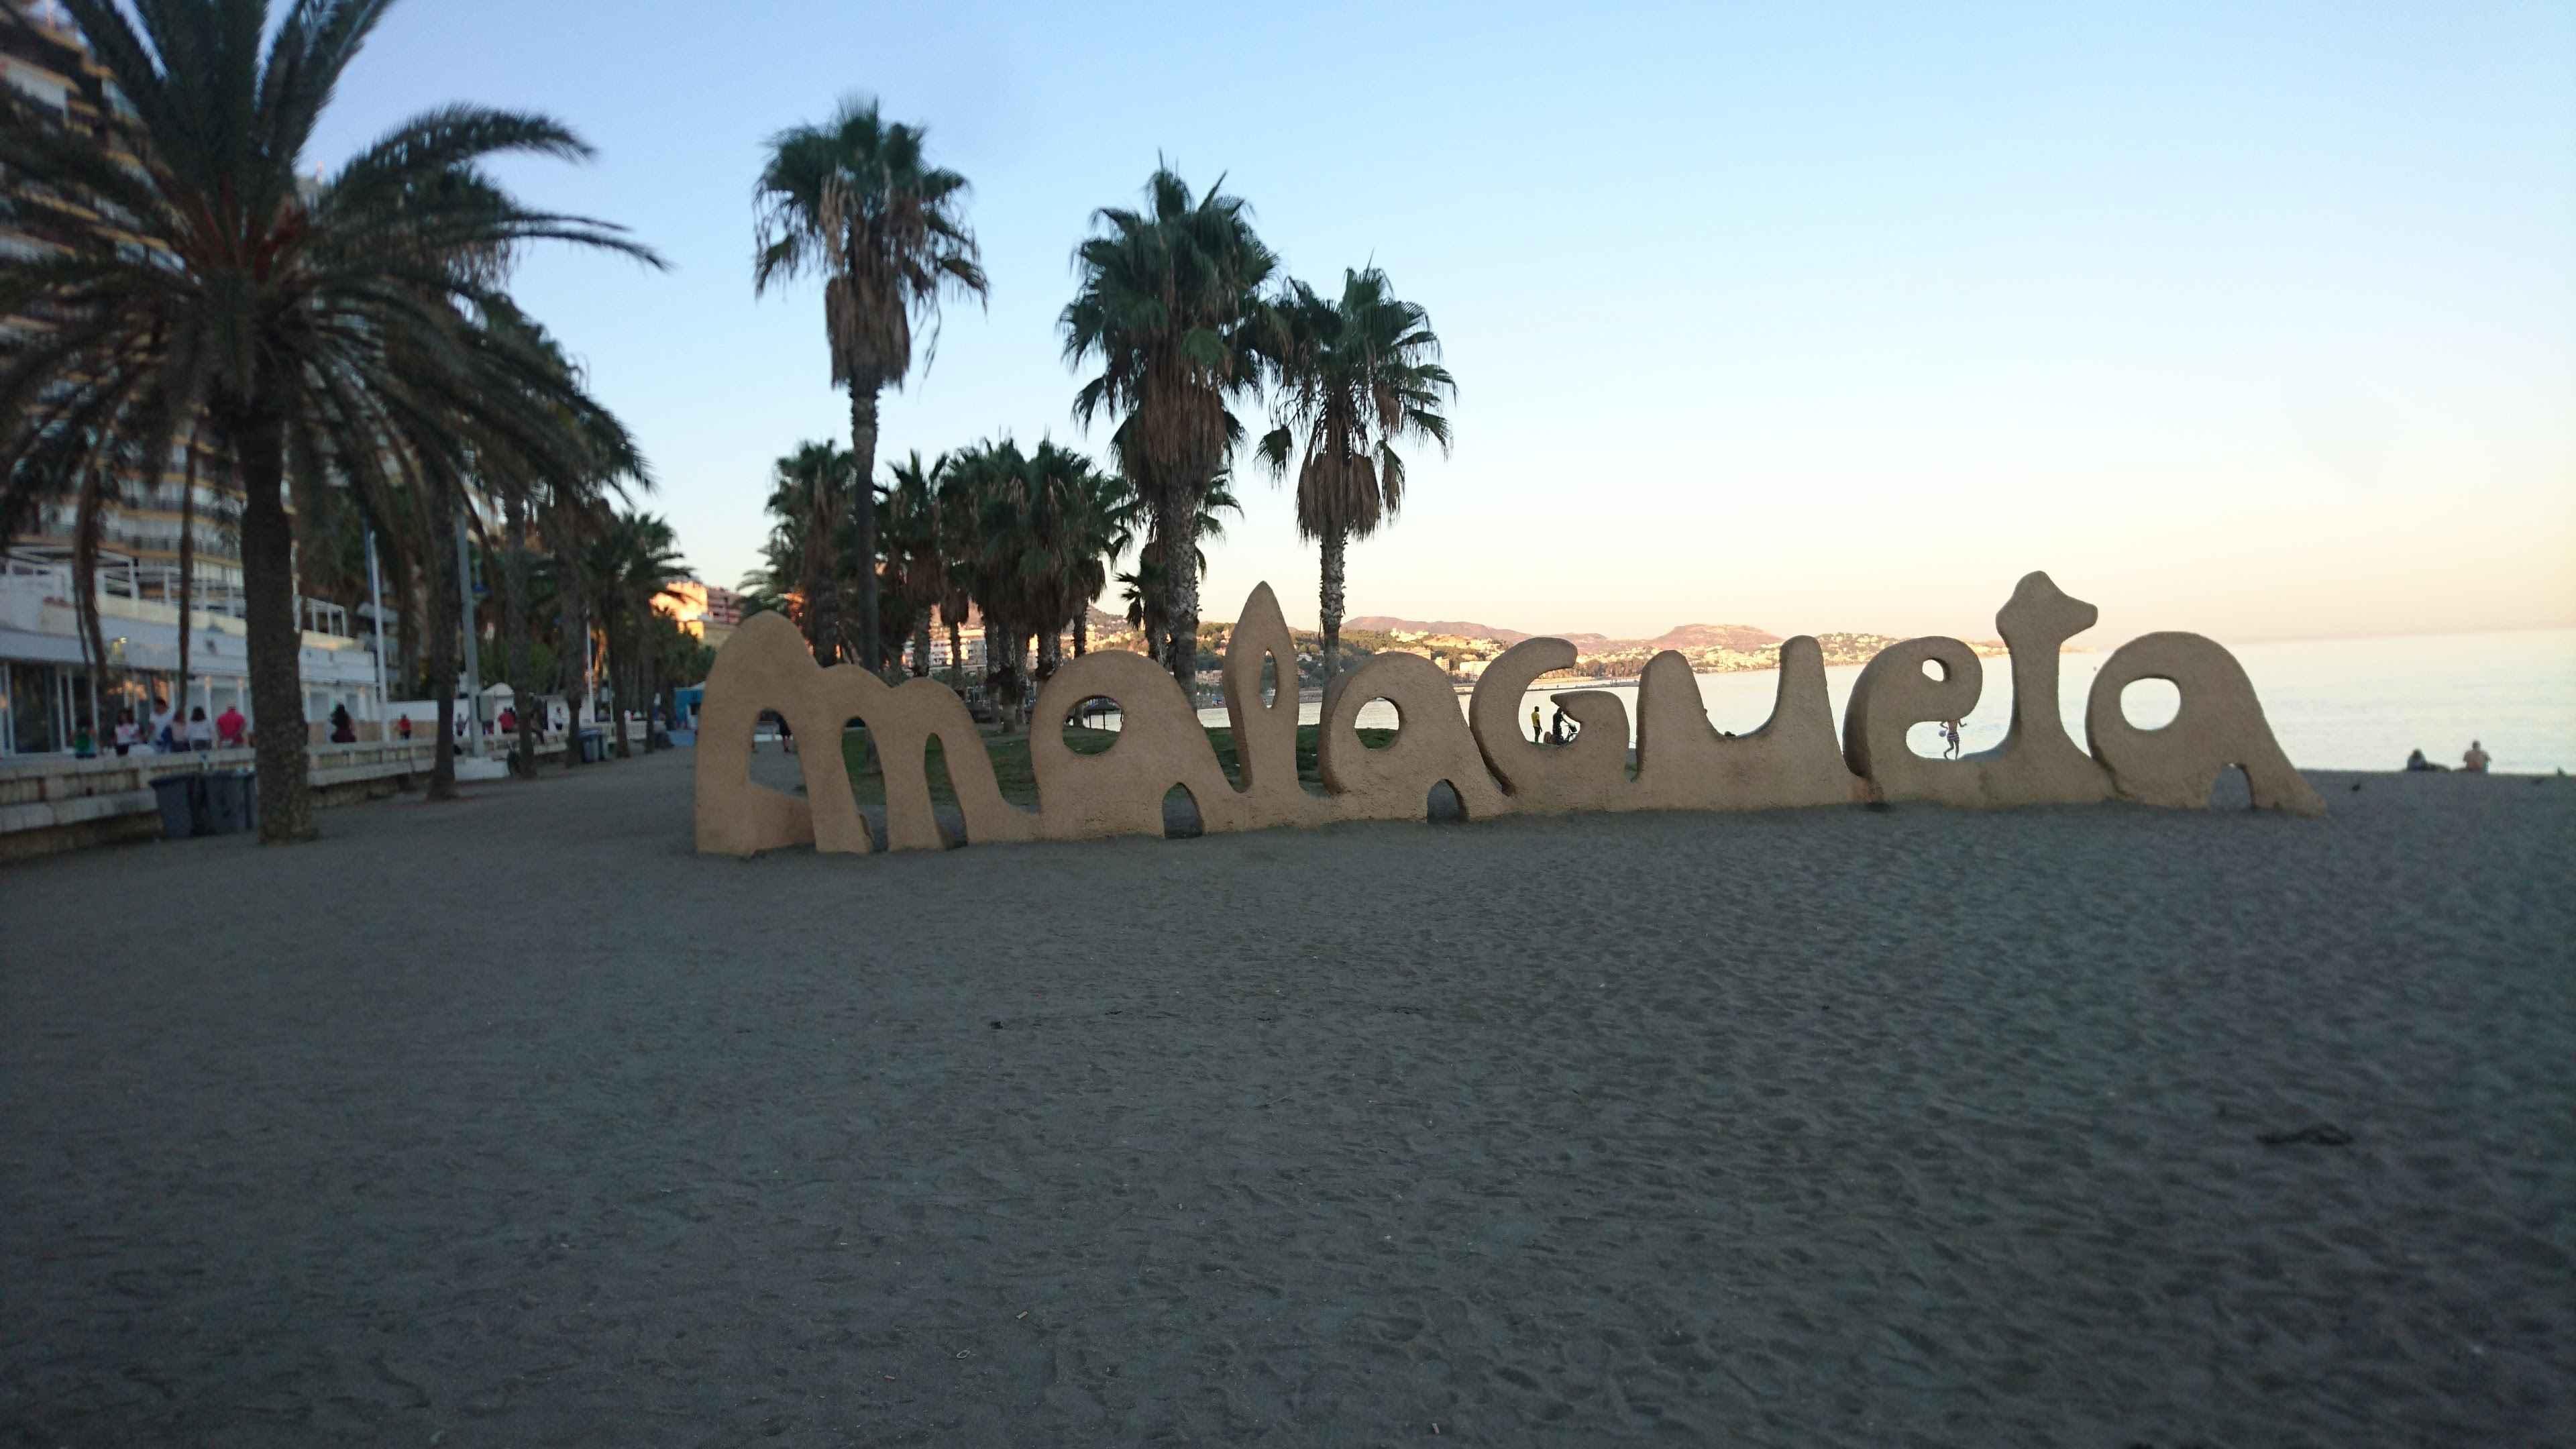 Vad var dating och äktenskap traditioner i Spanien